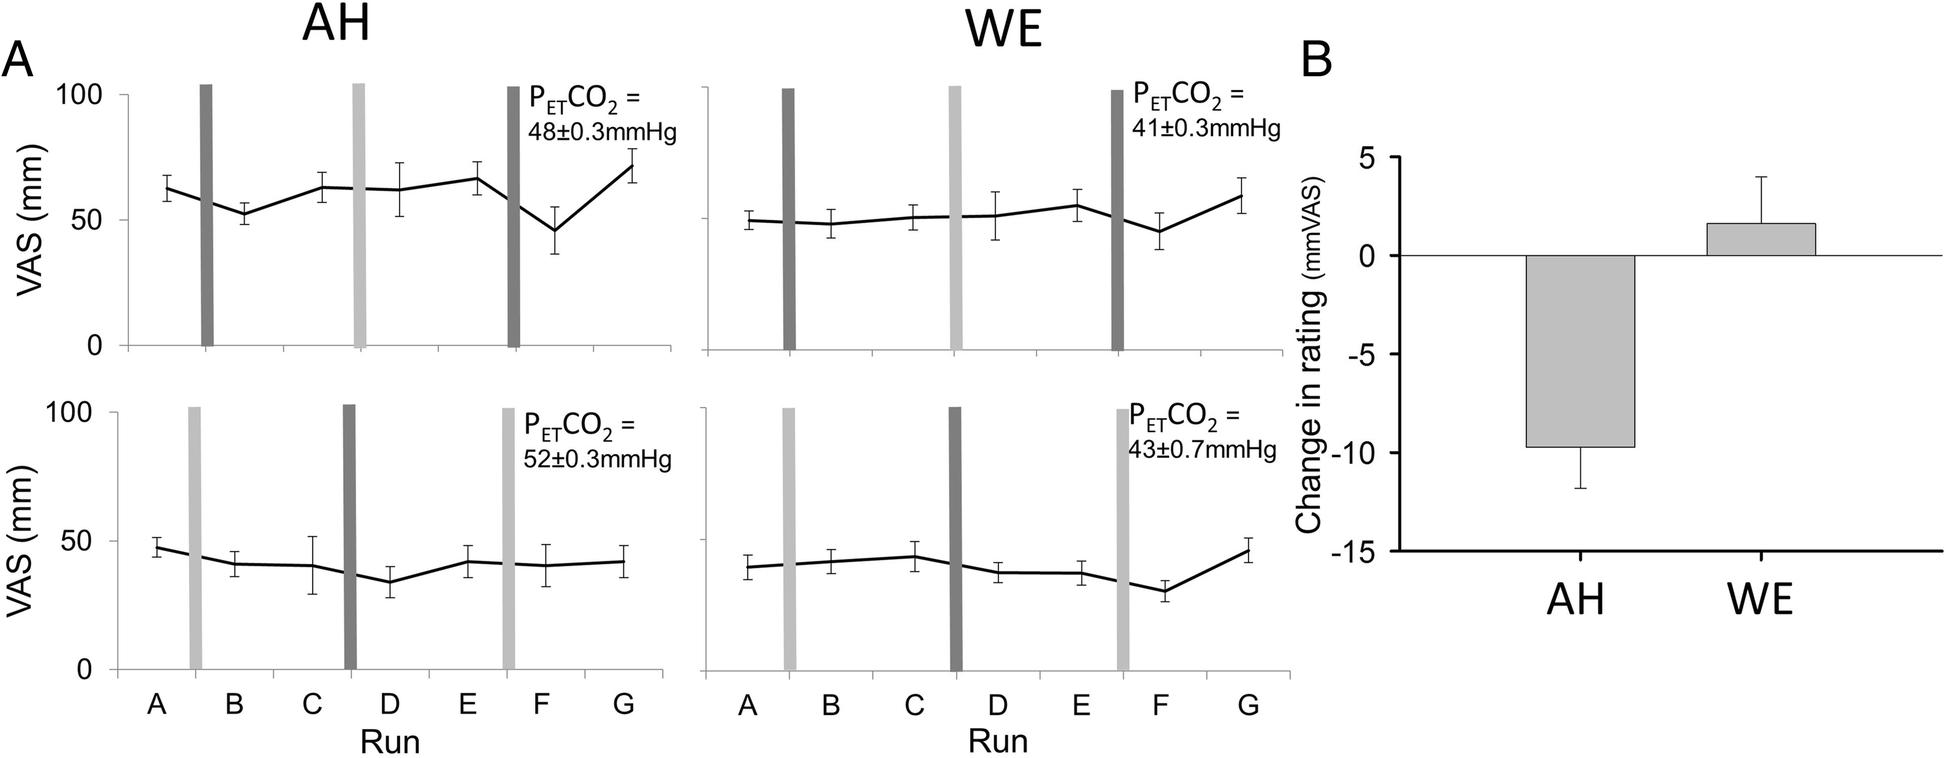 Inhaled Furosemide For Relief Of Air Hunger Versus Sense Inhalation And Exhalation Diagram H Valve J Fig 5